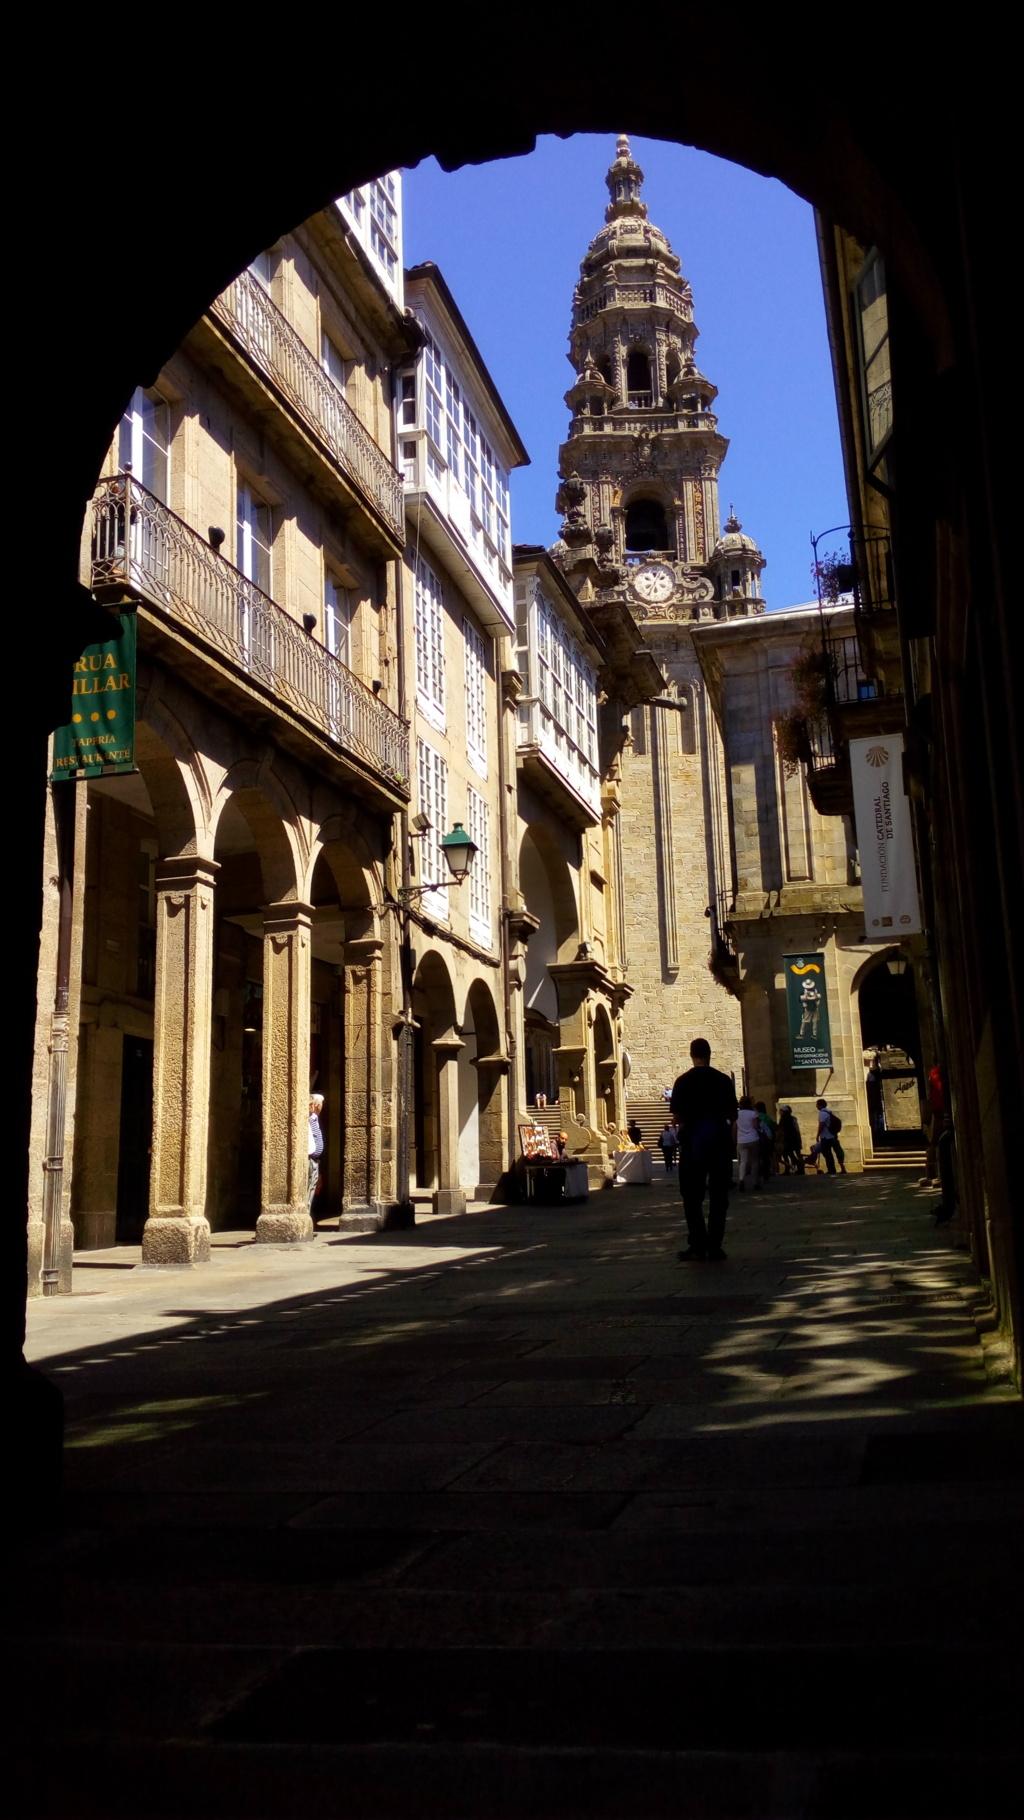 Desde la Rúa del Villar, Torre de la Berenguela o del Reloj (Catedral de Santiago)